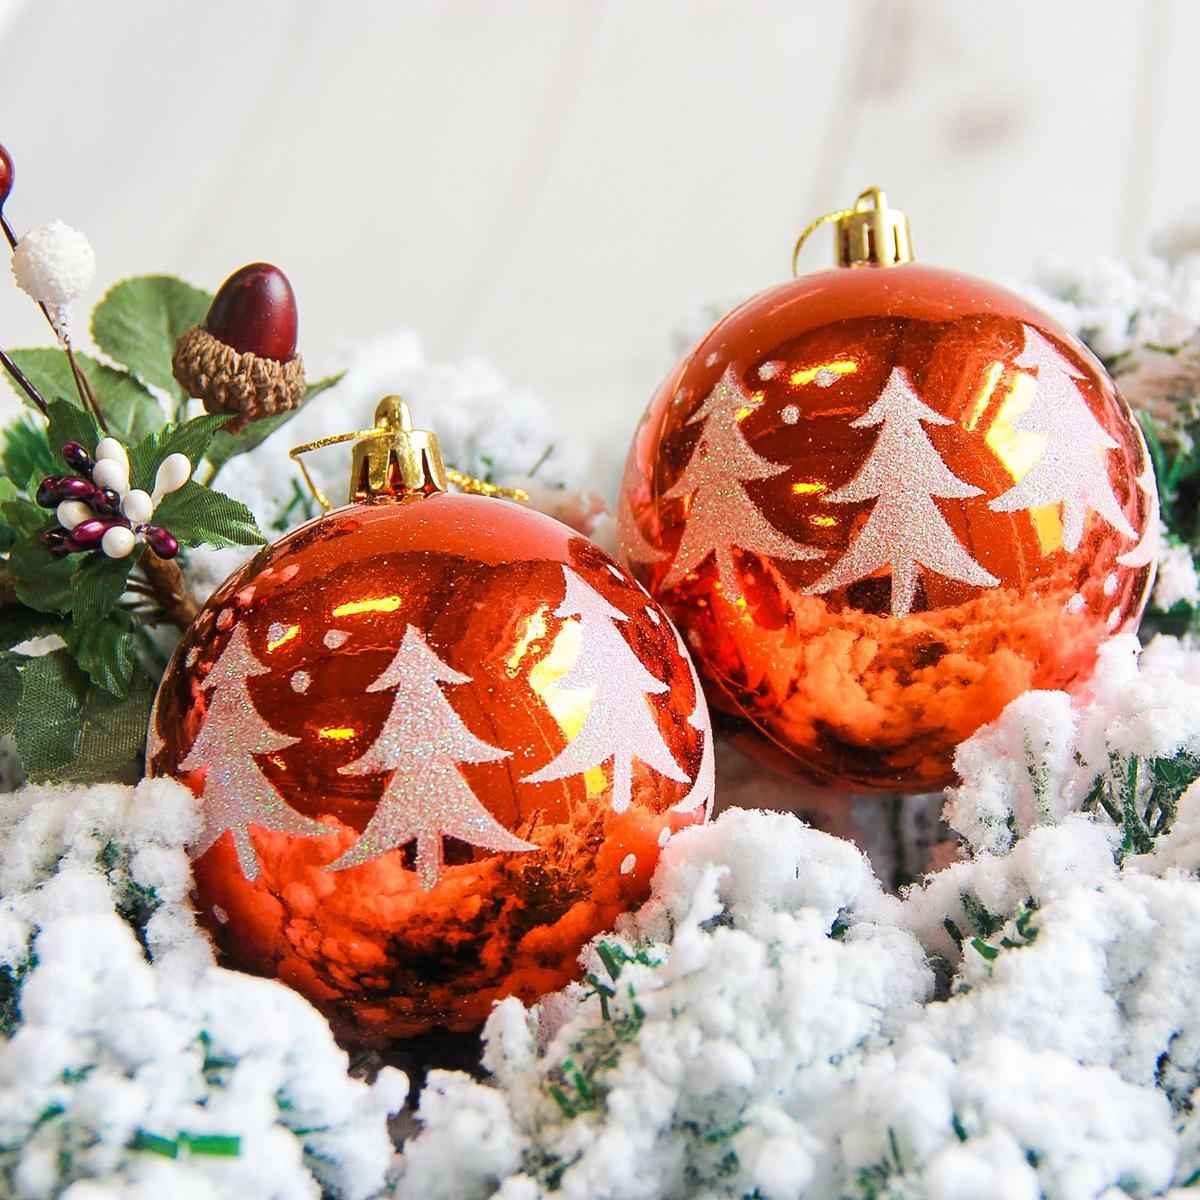 Набор новогодних подвесных украшений Sima-land Елочки, диаметр 8 см, 6 шт. 2178189 свеча ароматизированная sima land лимон на подставке высота 6 см